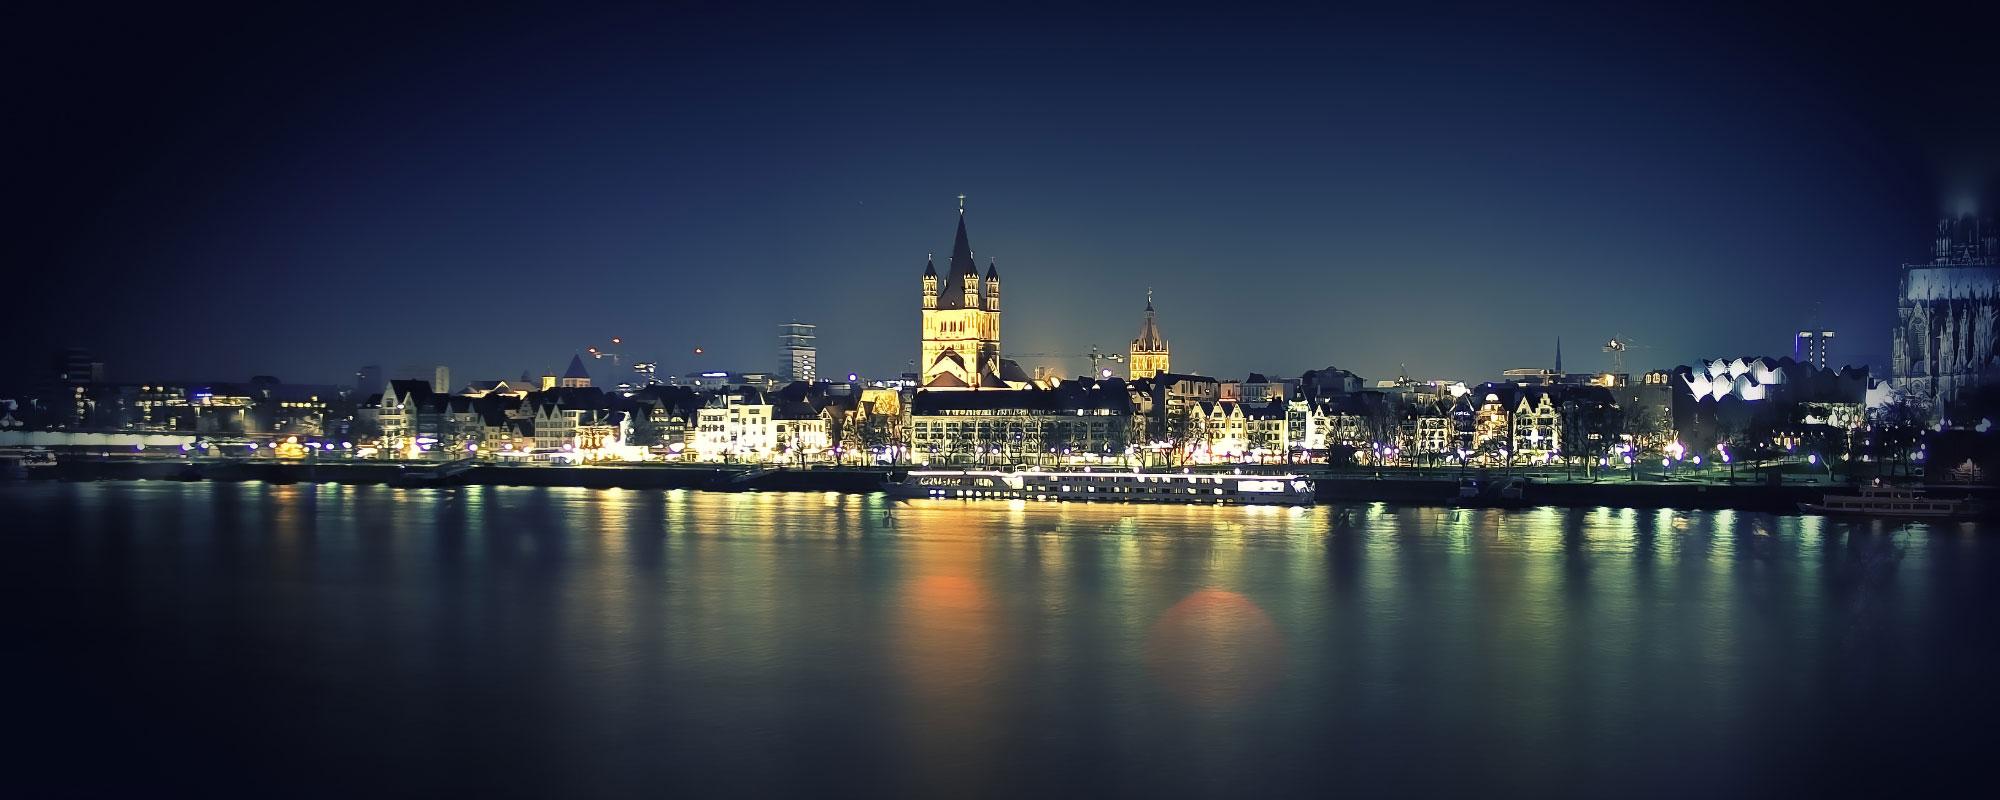 Motiv: Kontakt - Terminvereinbarung - Gastgeberverzeichnis - Gastgeberverzeichnis für Ihren Urlaub in  Deutschland